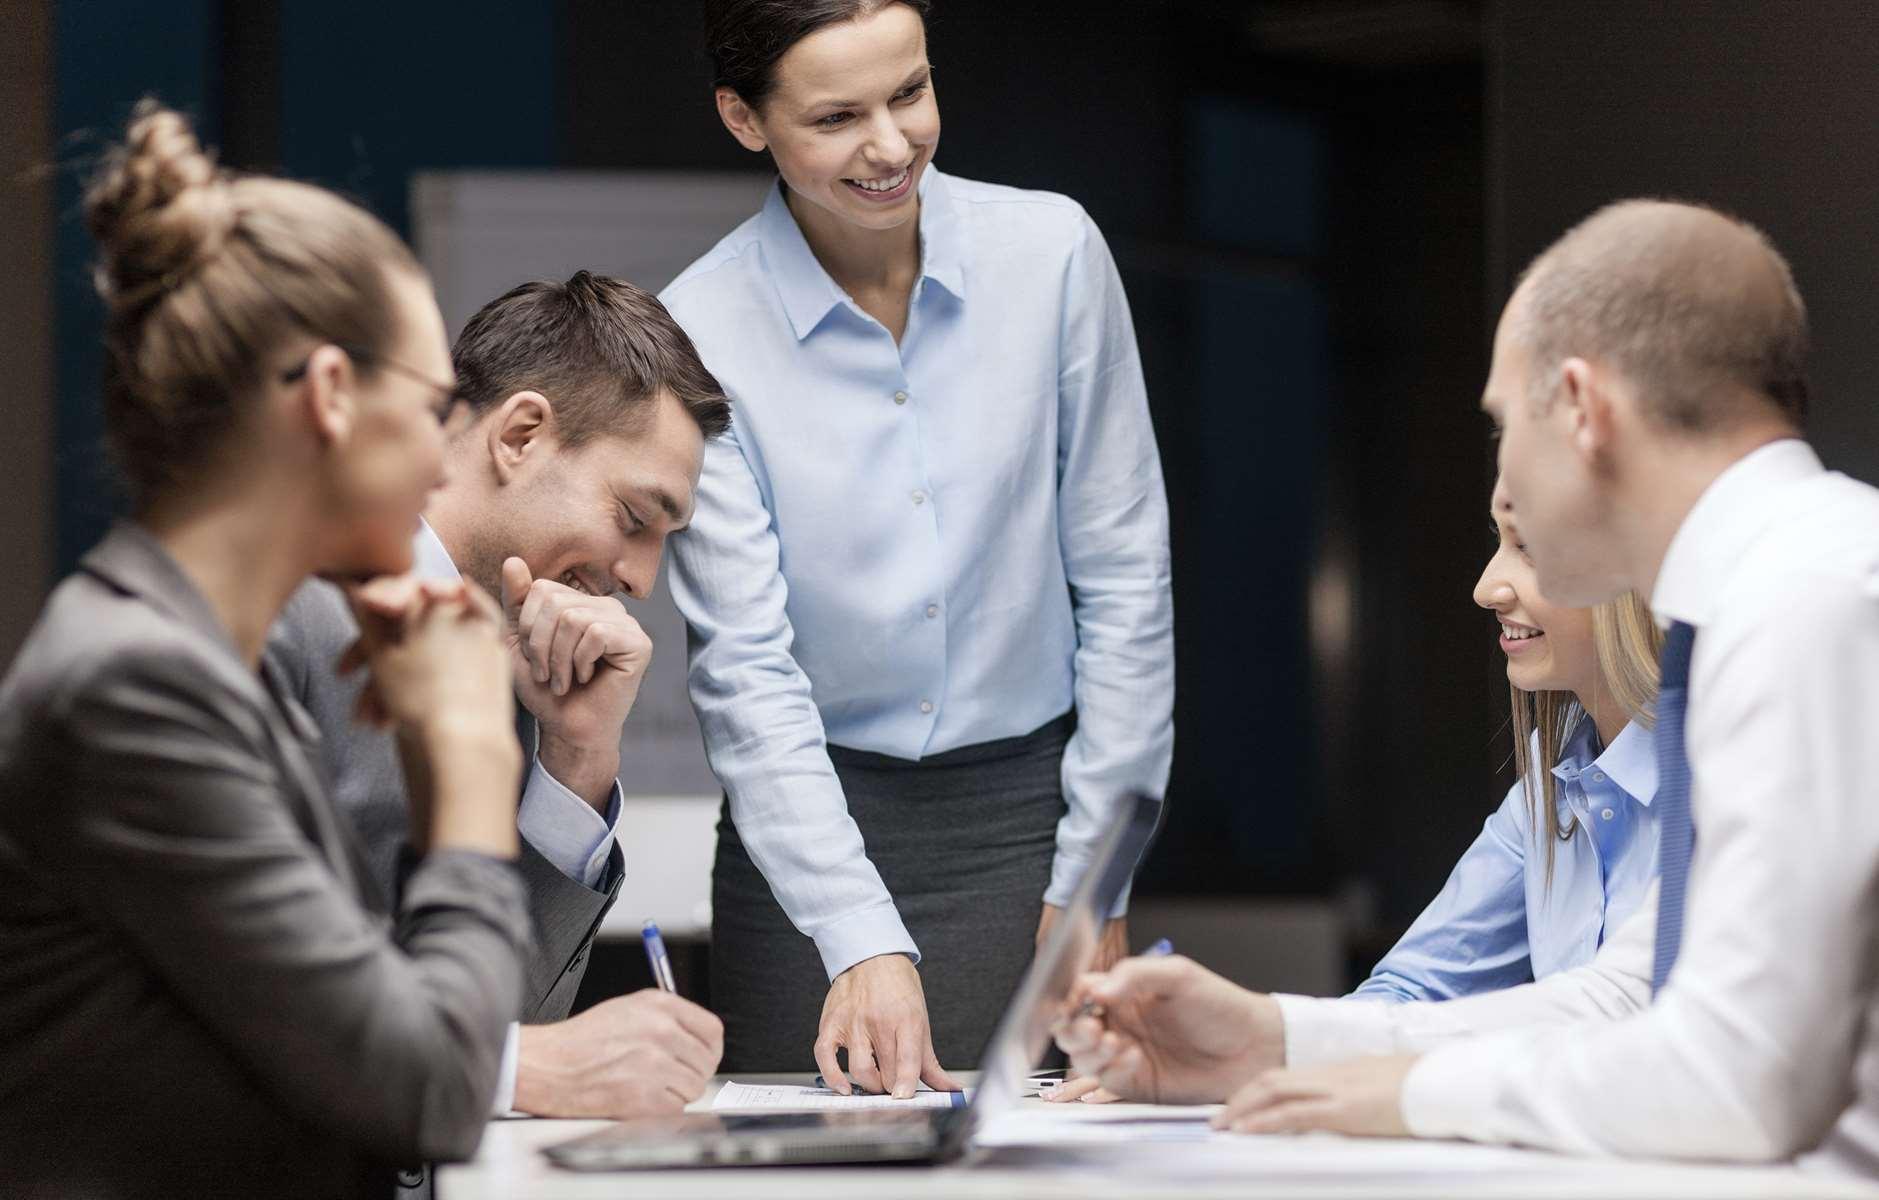 La conduite du changement comme levier stratégique